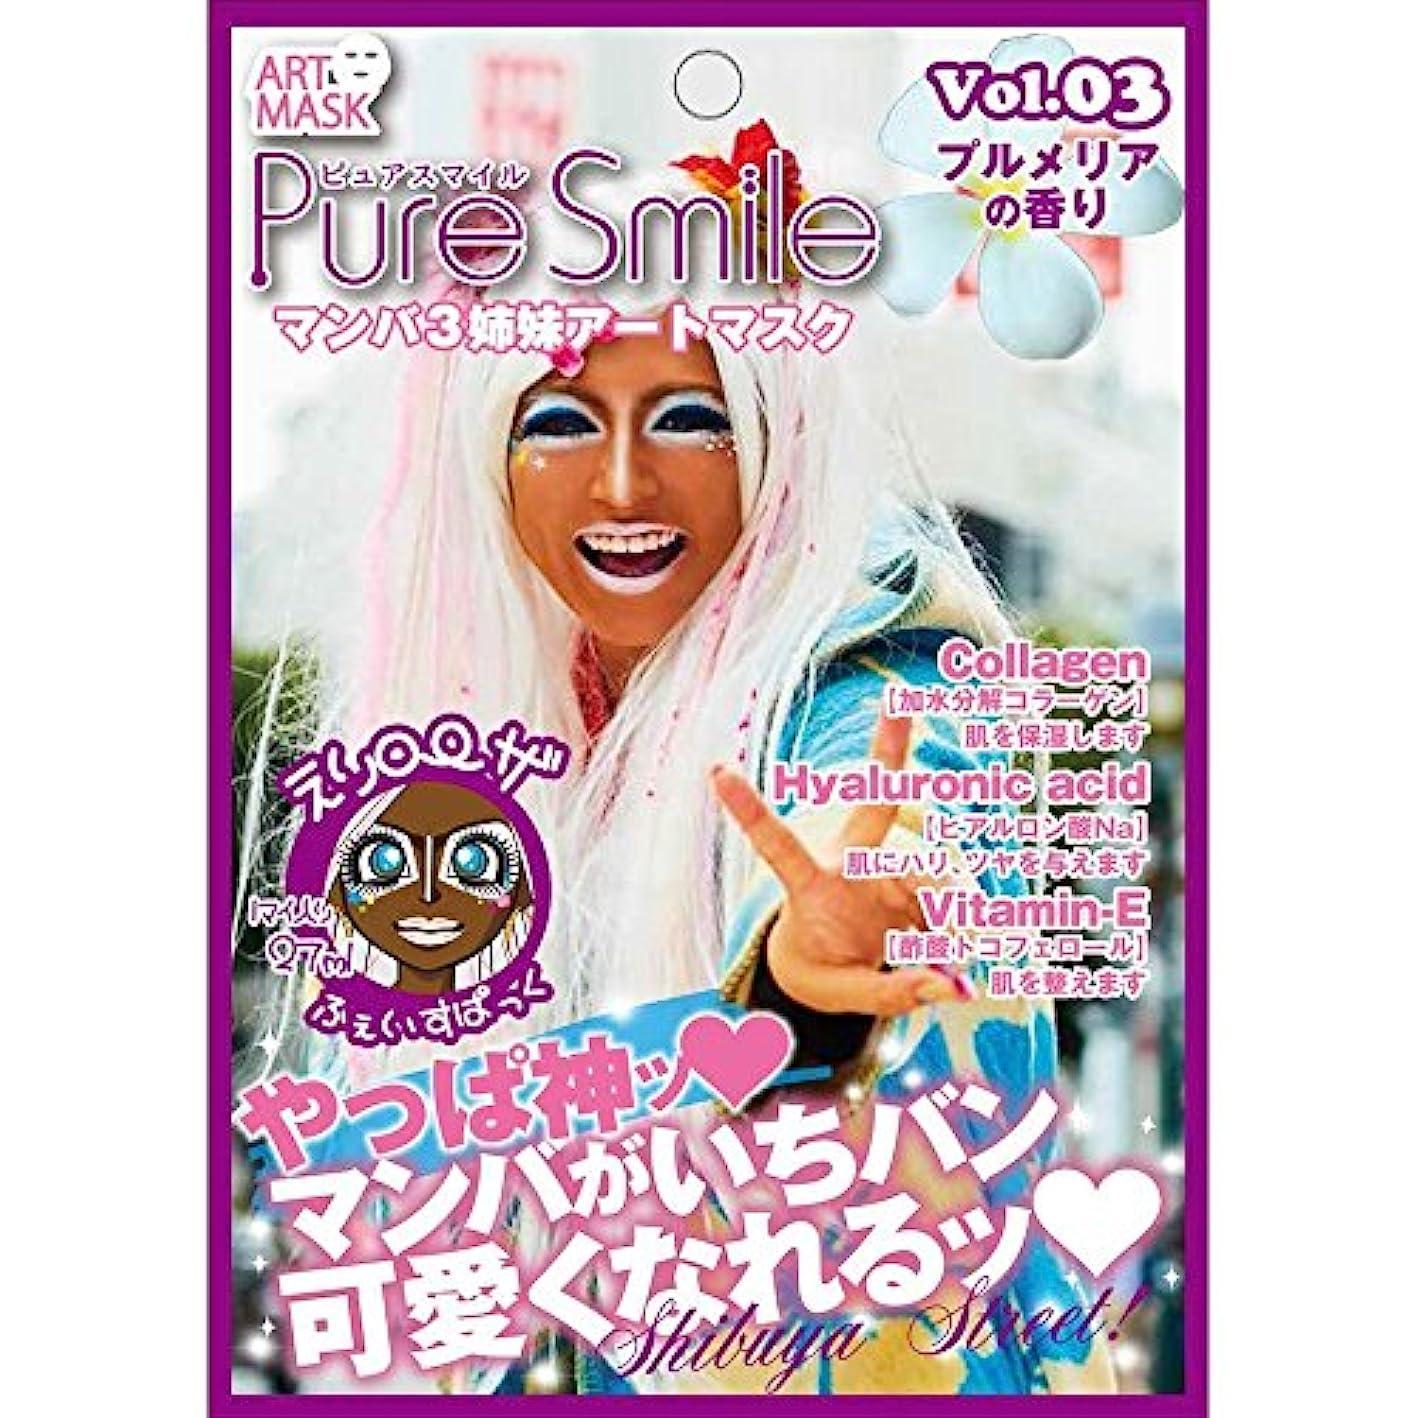 誘惑する主張するネクタイピュアスマイル 『マンバ3姉妹シリーズアートマスク』(えりローザ/プルメリアの香り)